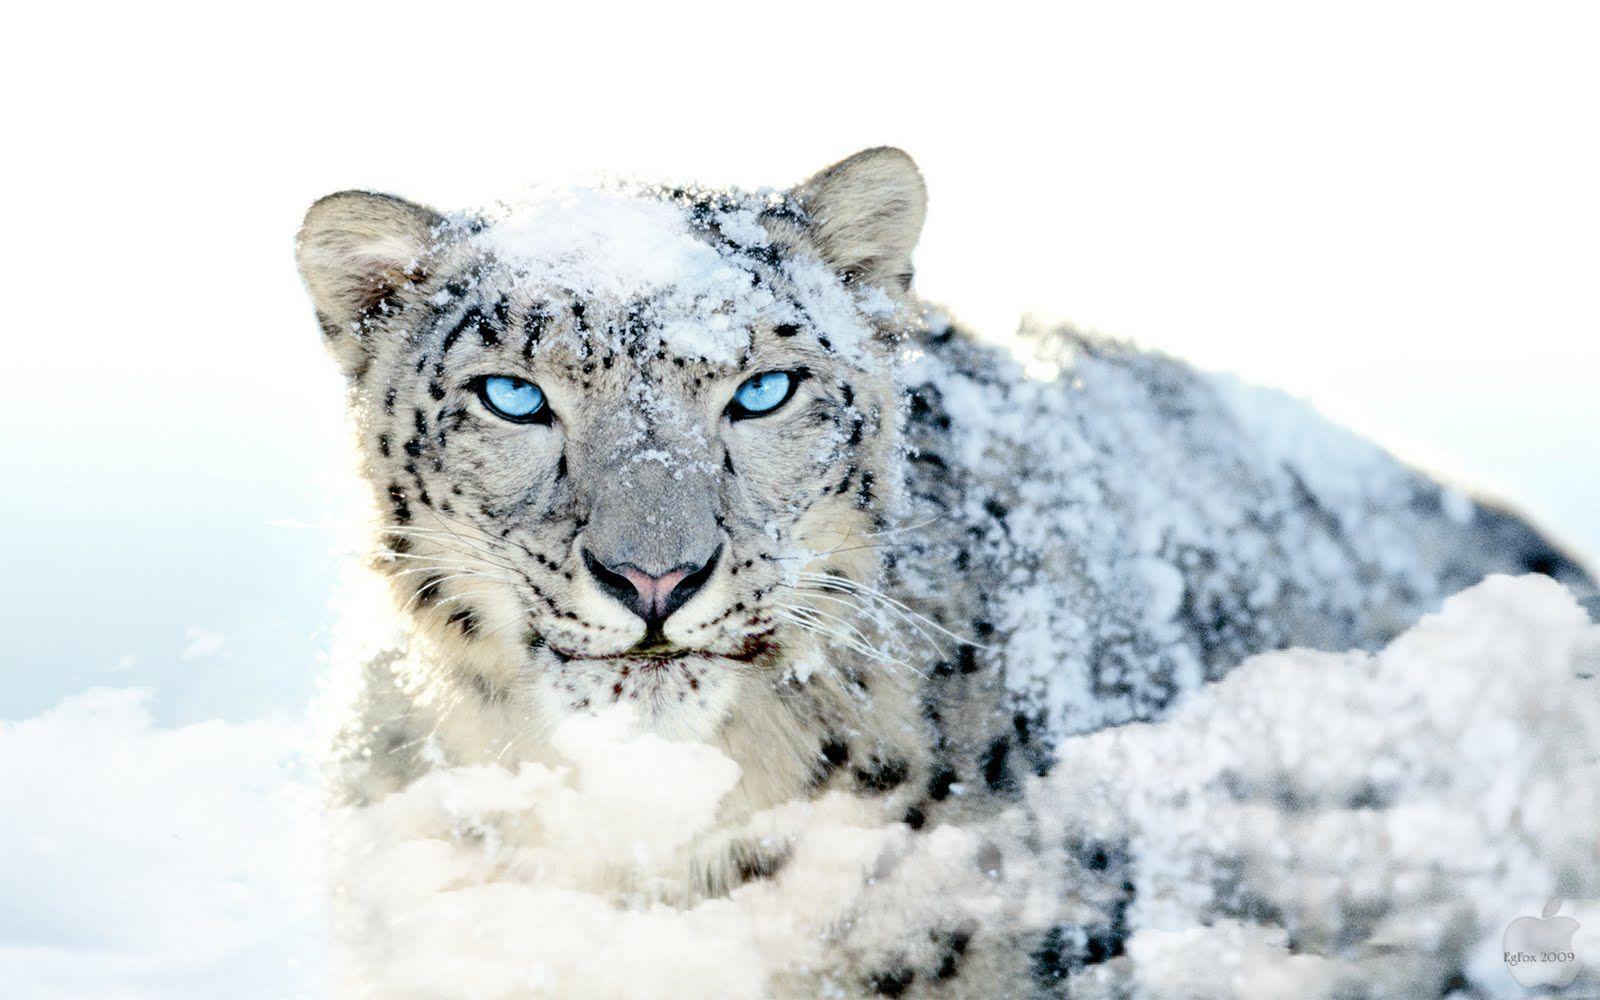 רקעים של שלג וקור - איכות HD